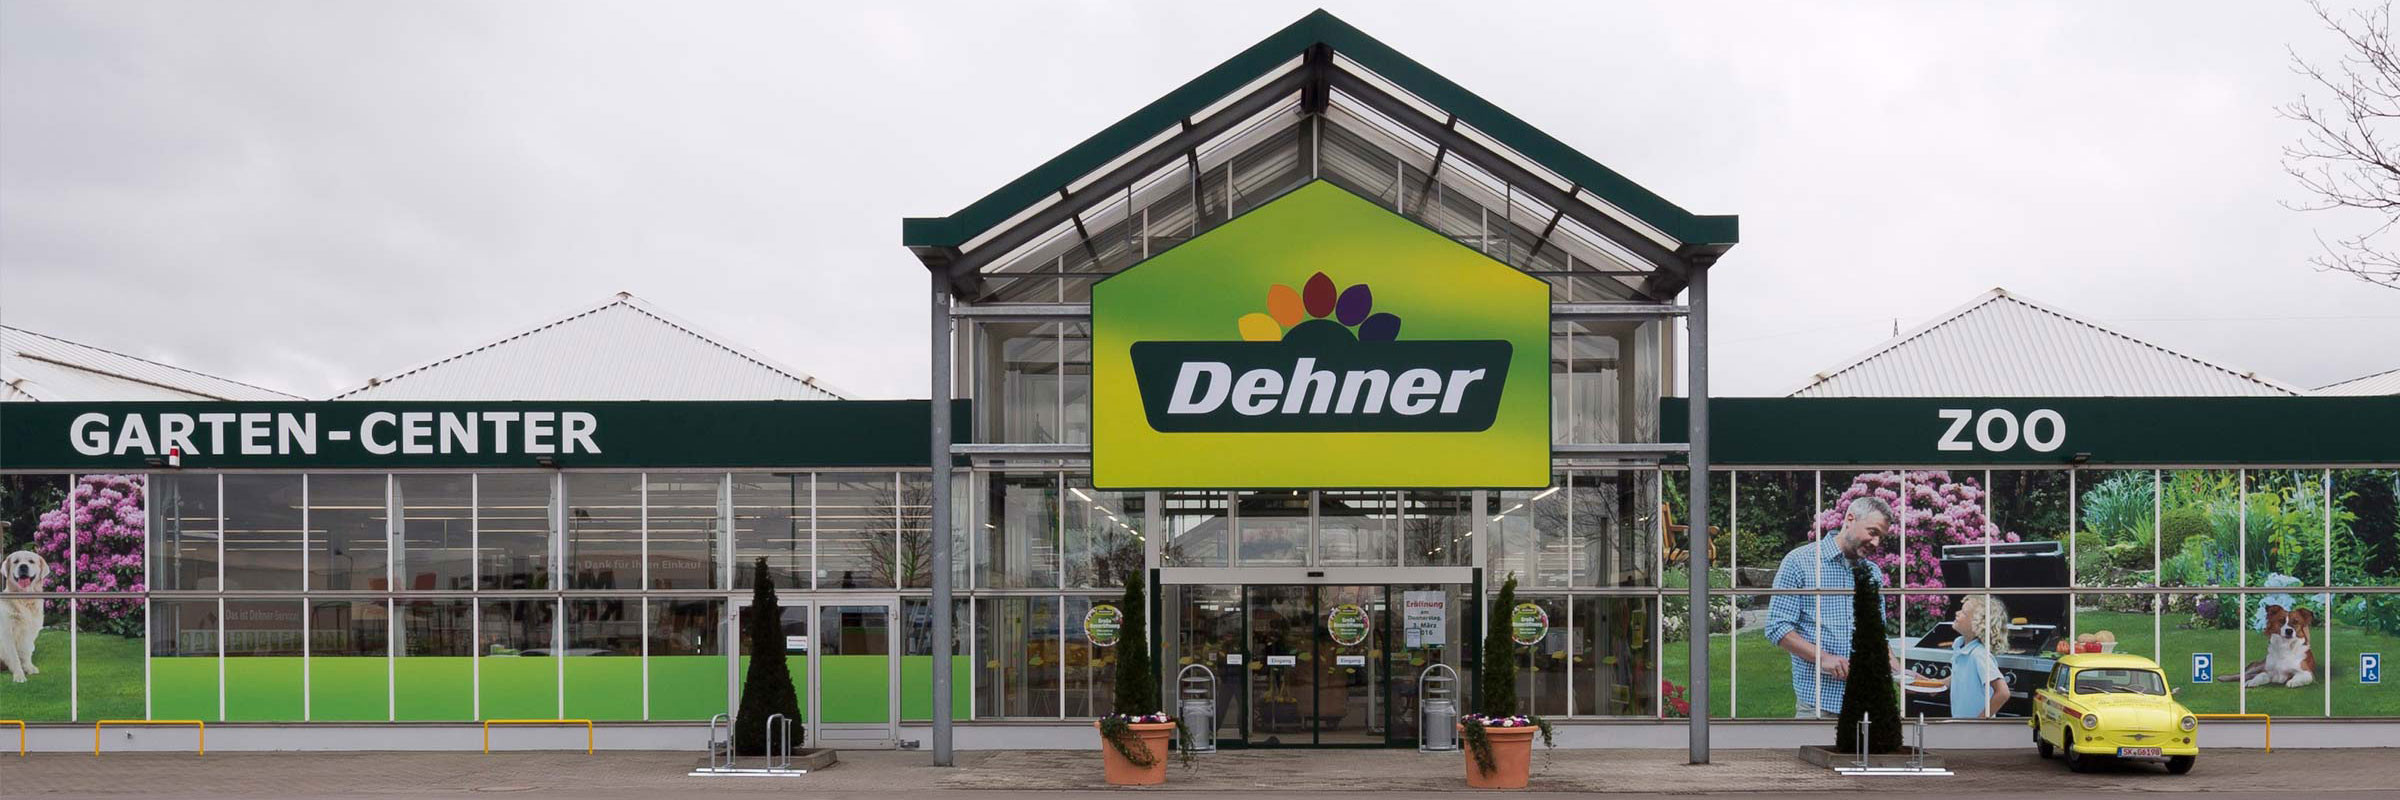 Dehner Garten Center In Halle Saale Dehner